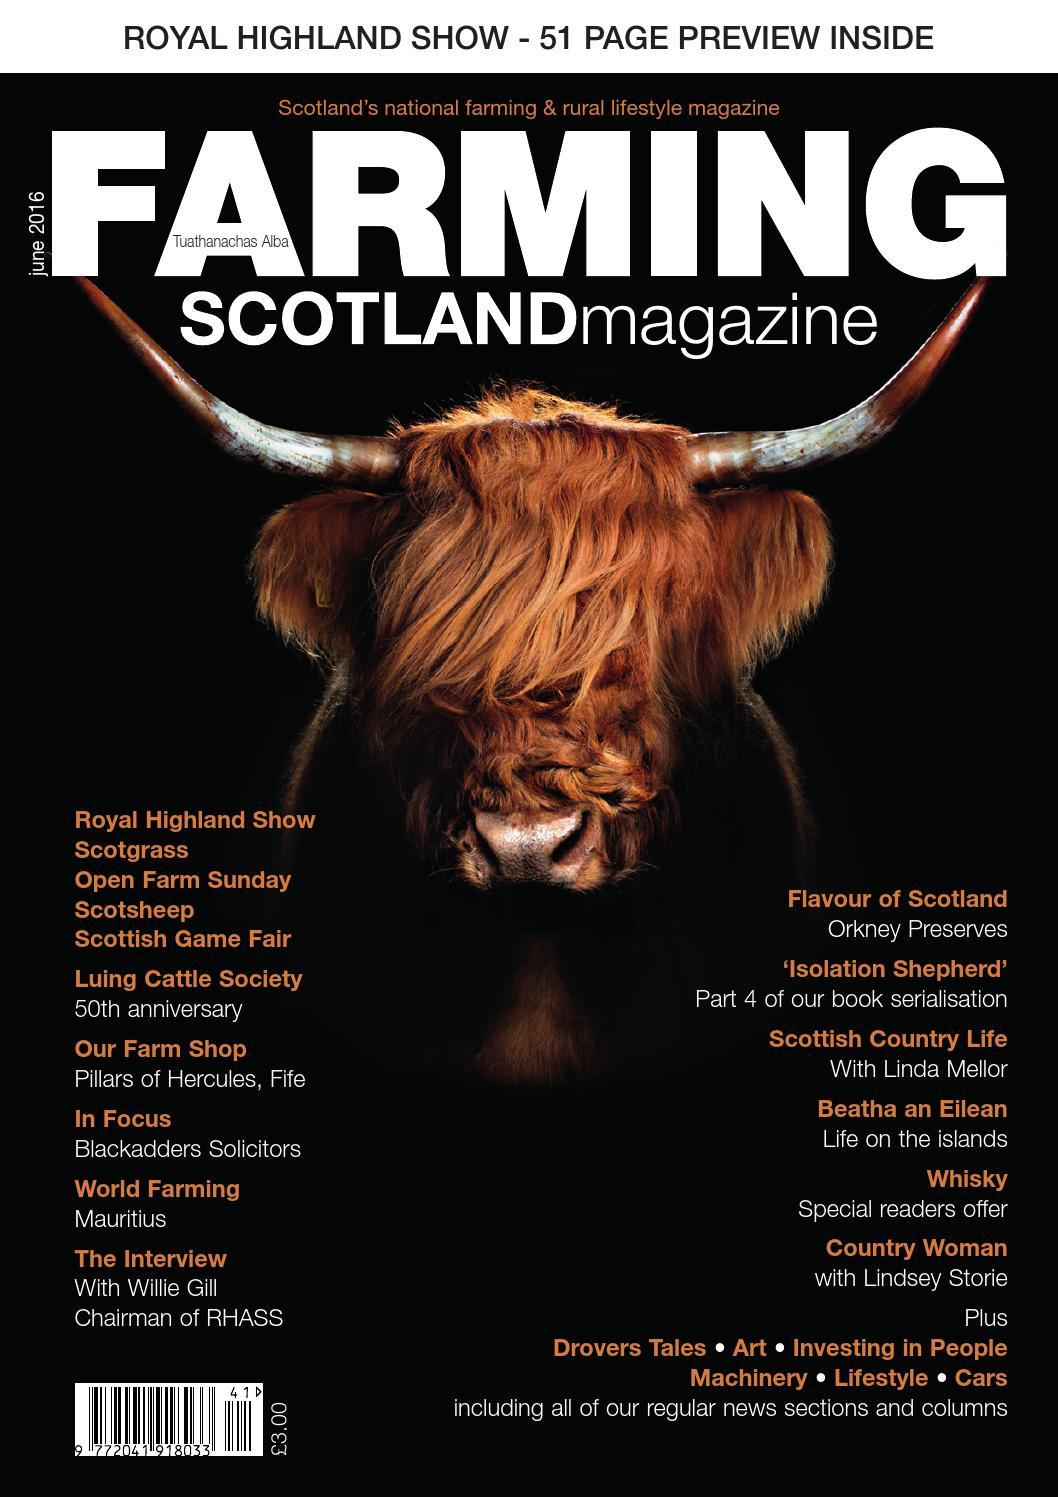 Farming Scotland Magazine (May - June 2016) by Athole Design   Publishing  Ltd - issuu 8f254677714